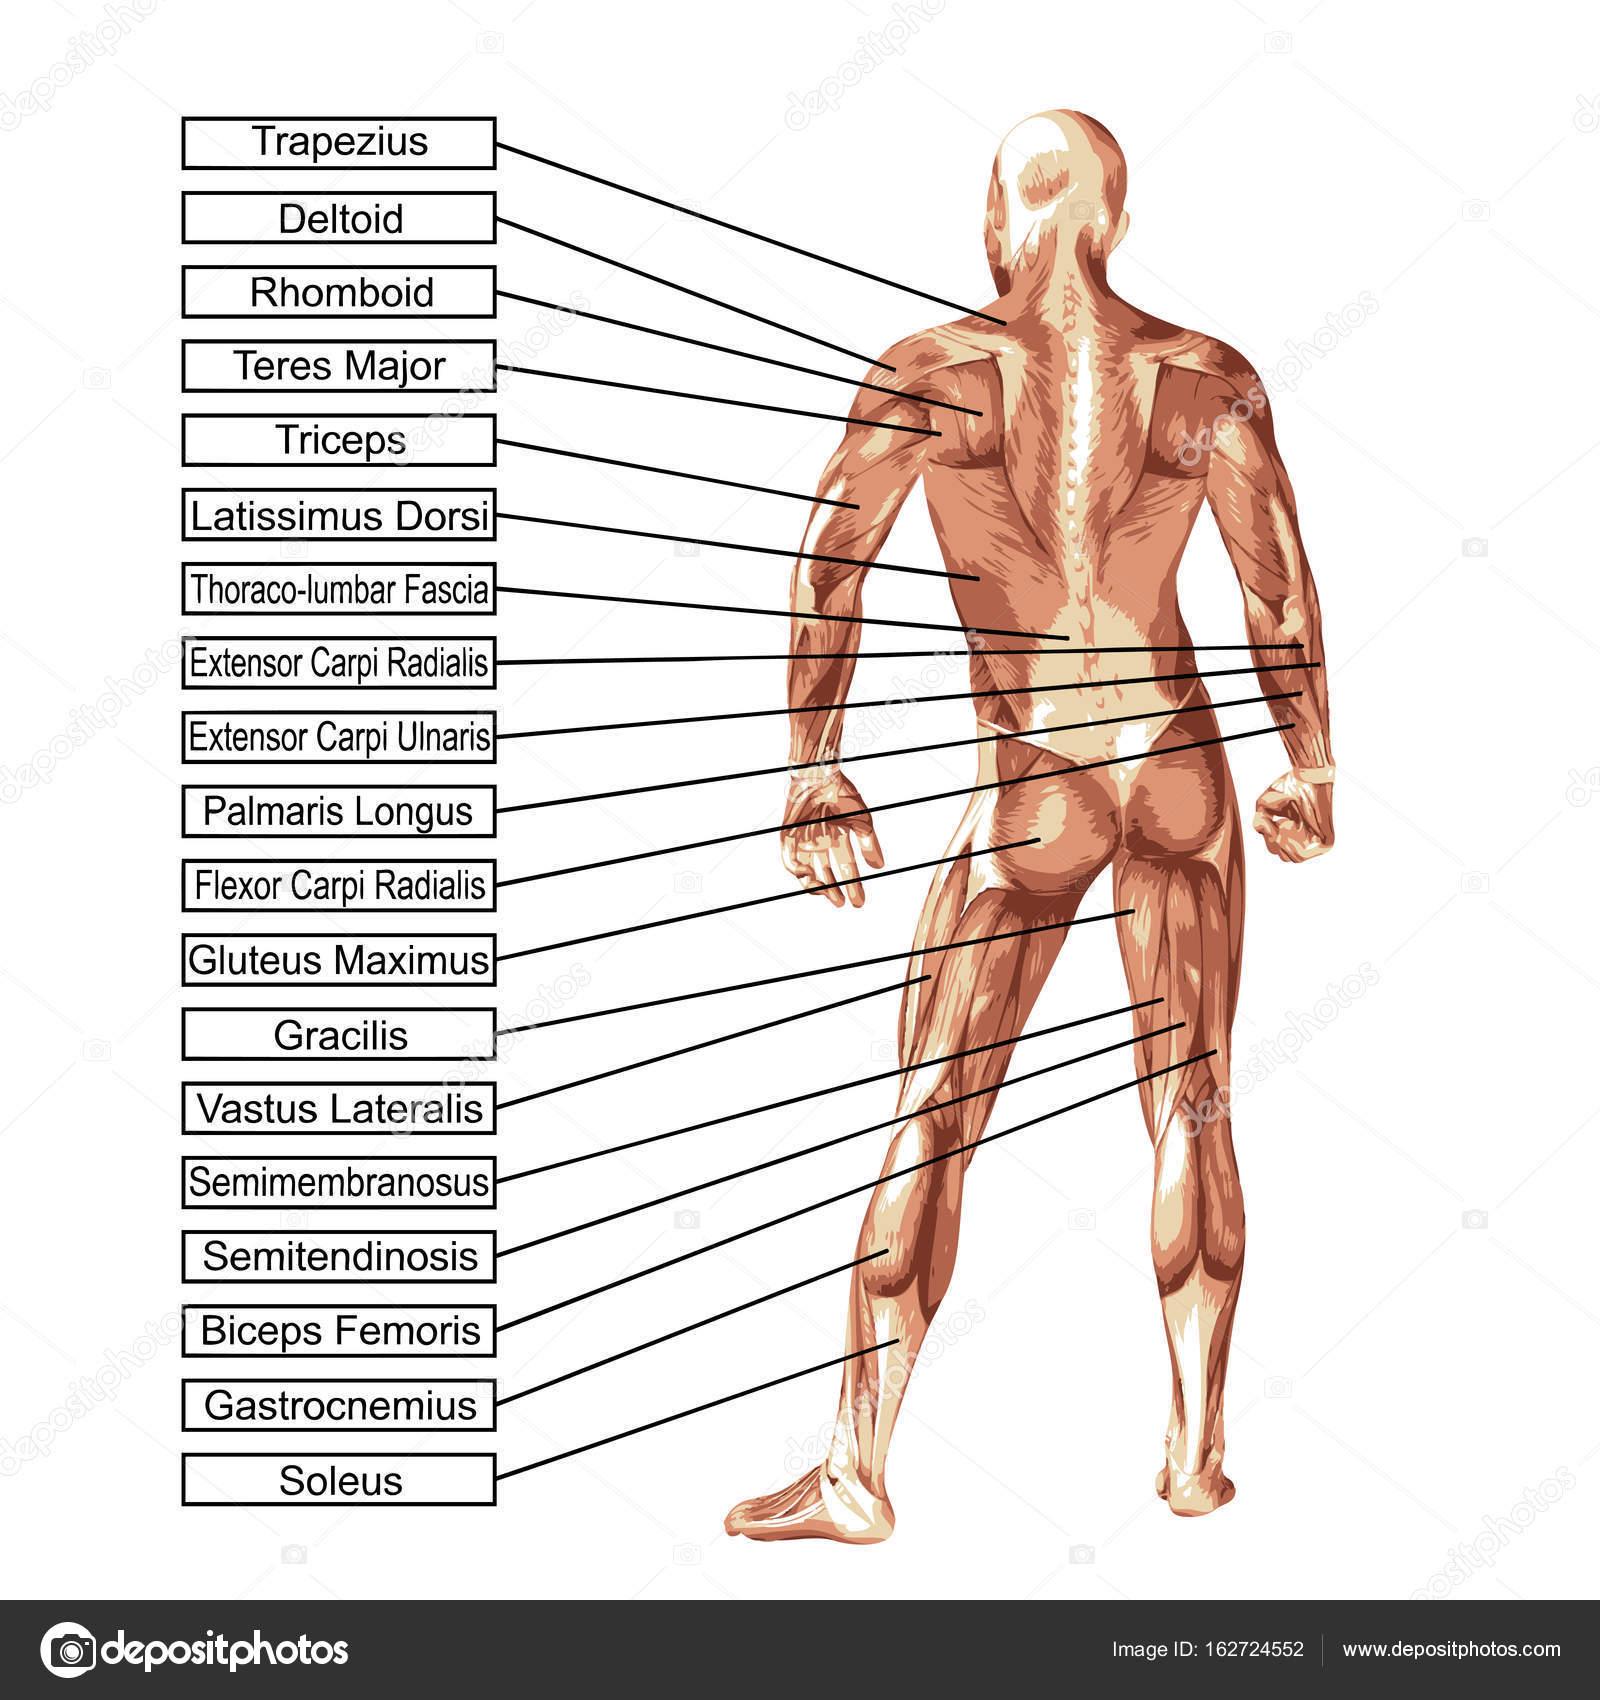 menschliche Anatomie Abbildung — Stockfoto © design36 #162724552